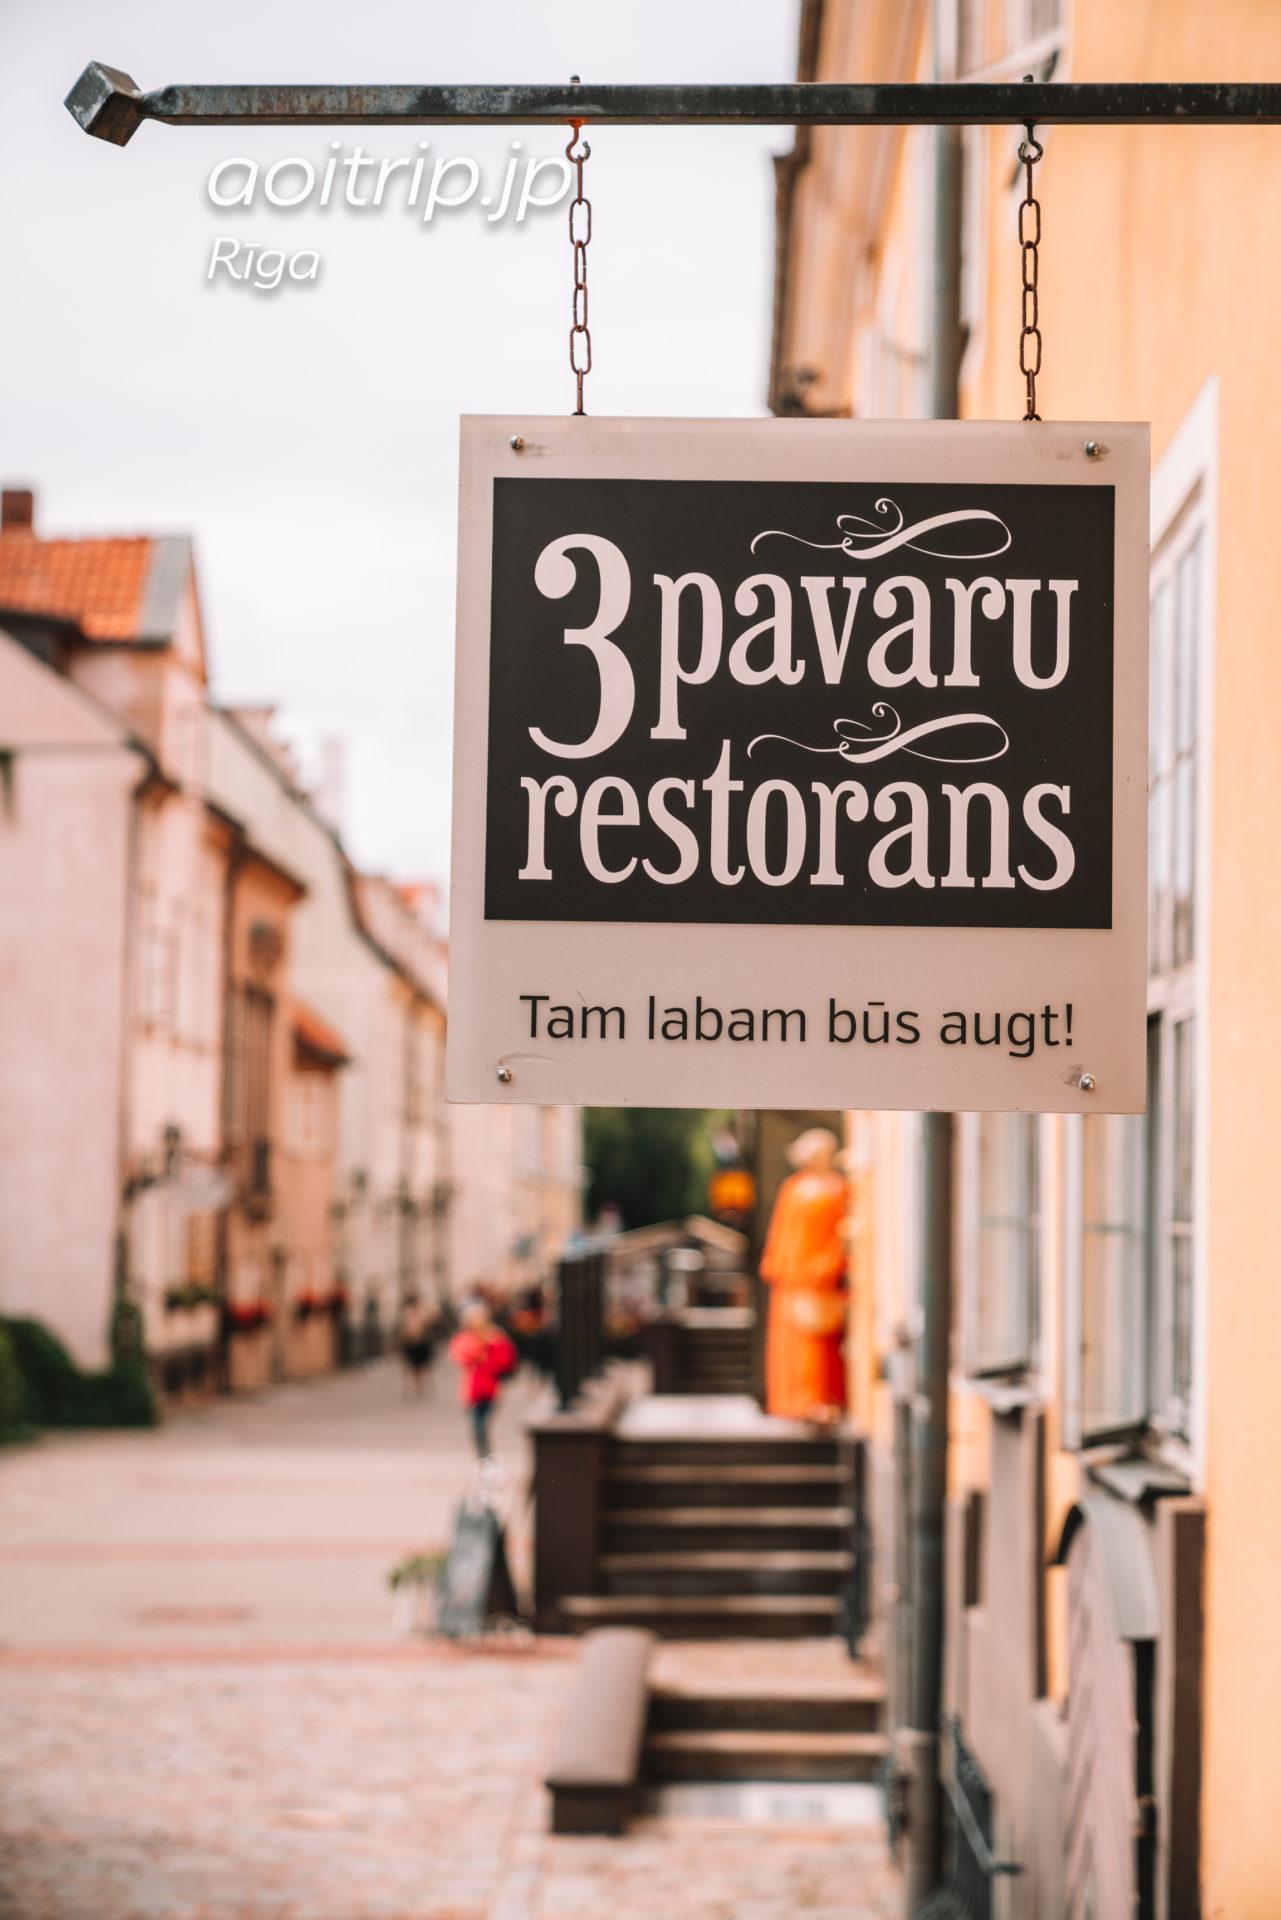 """ラトビア リガのレストラン 3 pavāru restorāns """"Tam labam būs augt"""""""